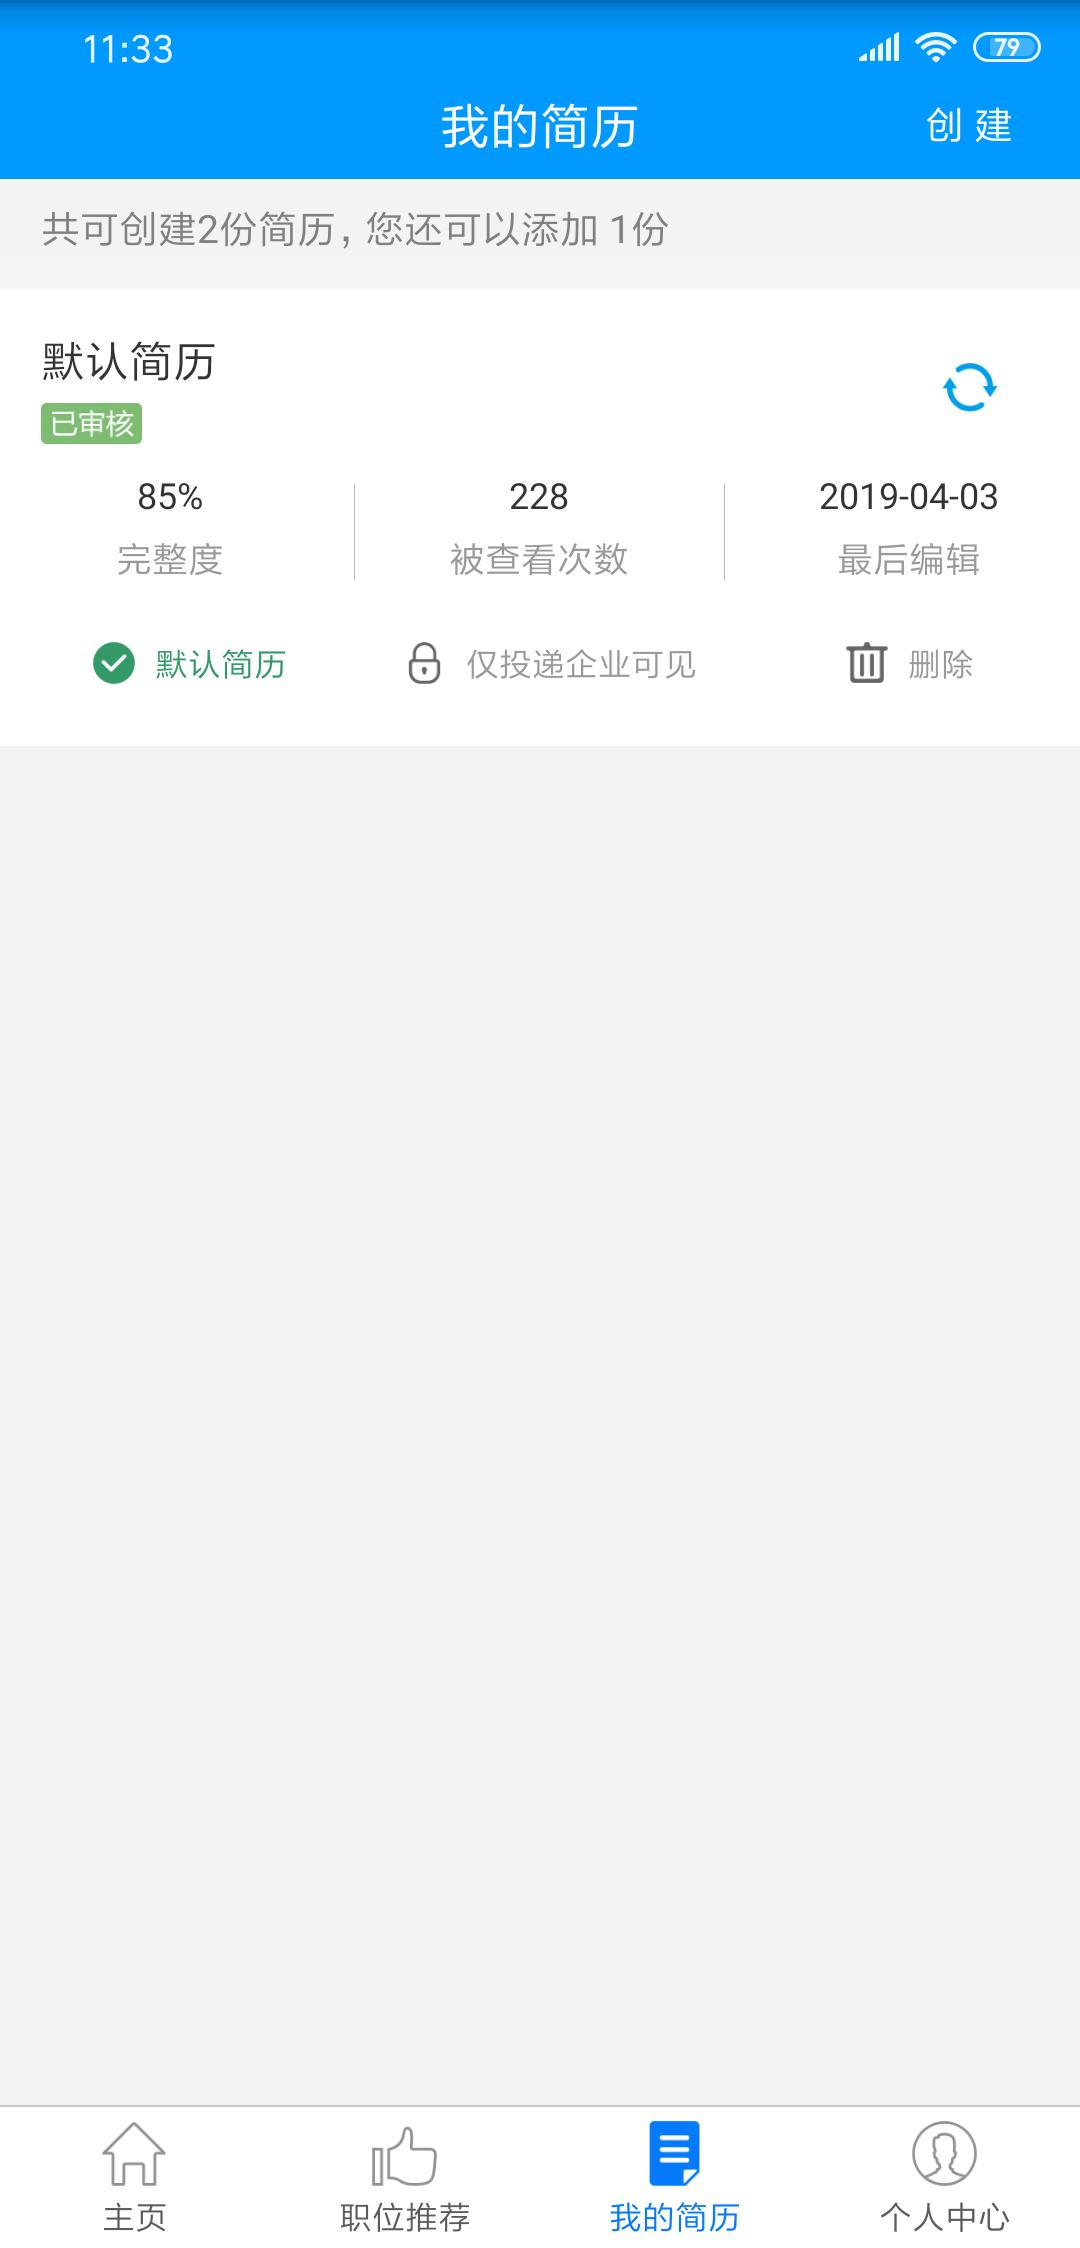 广西人才网客户端截图3